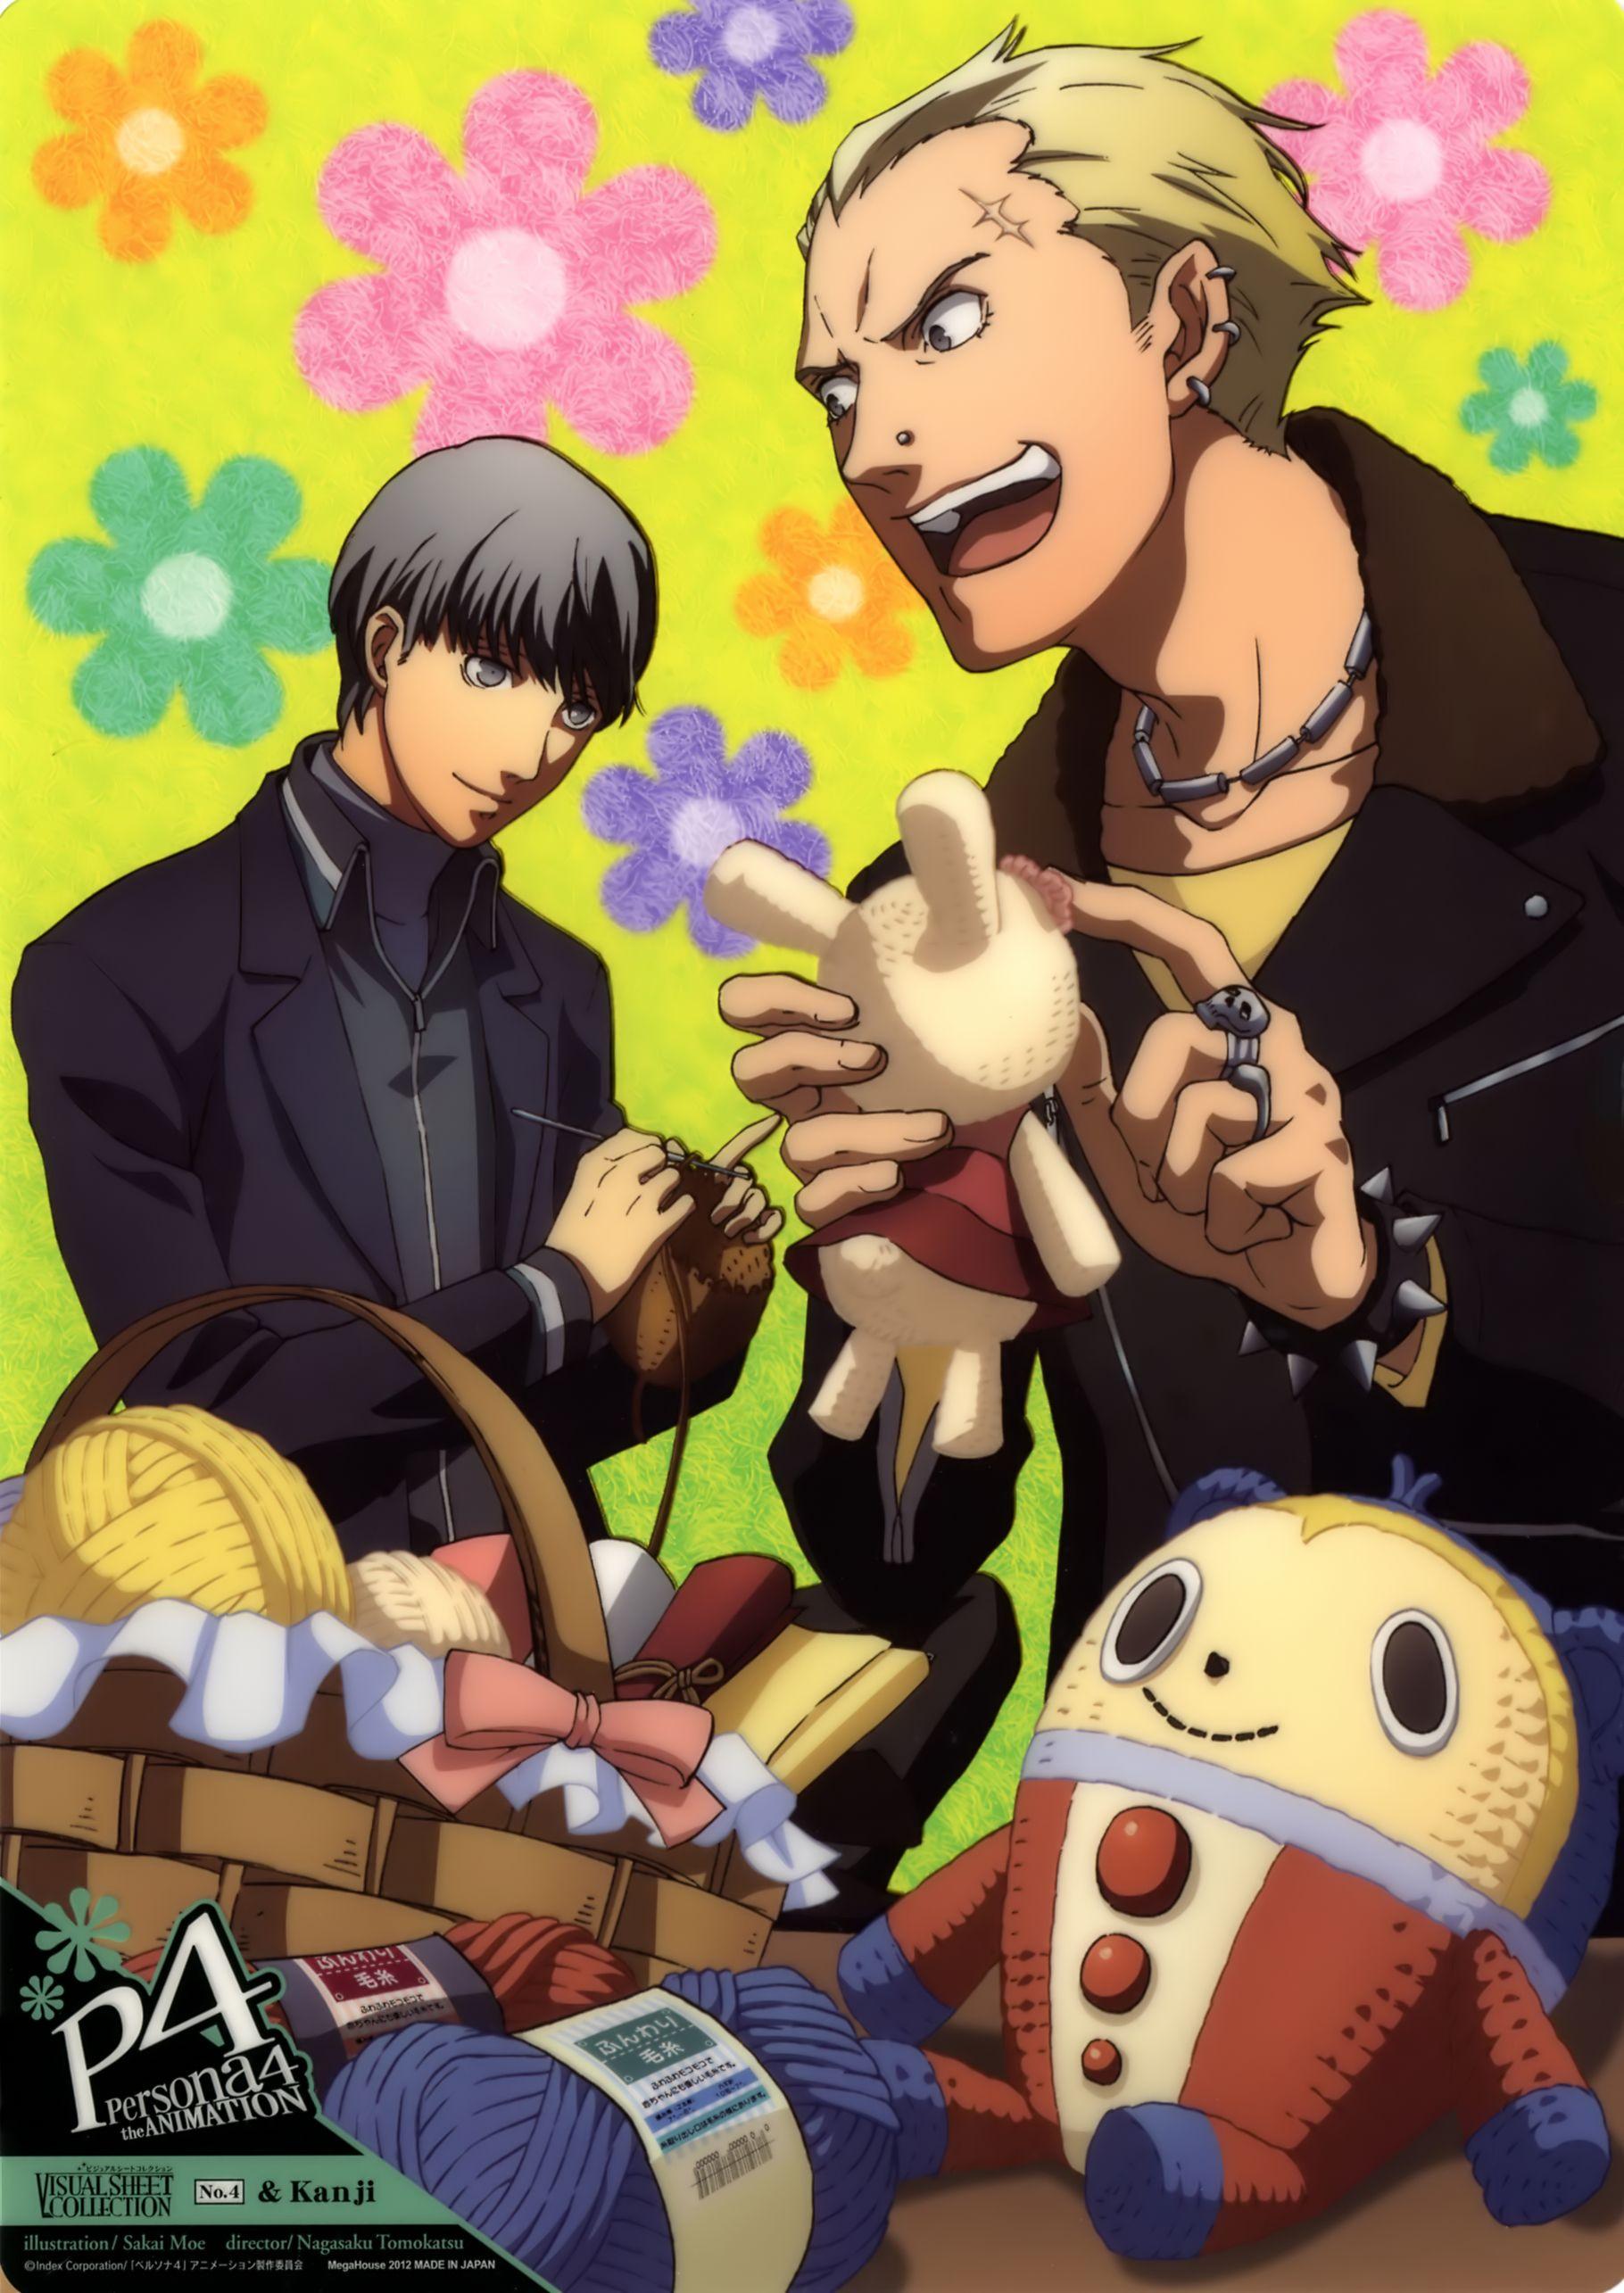 Anime International Company, Atlus, Shin Megami Tensei: Persona 4, Yu Narukami, Kanji Tatsumi